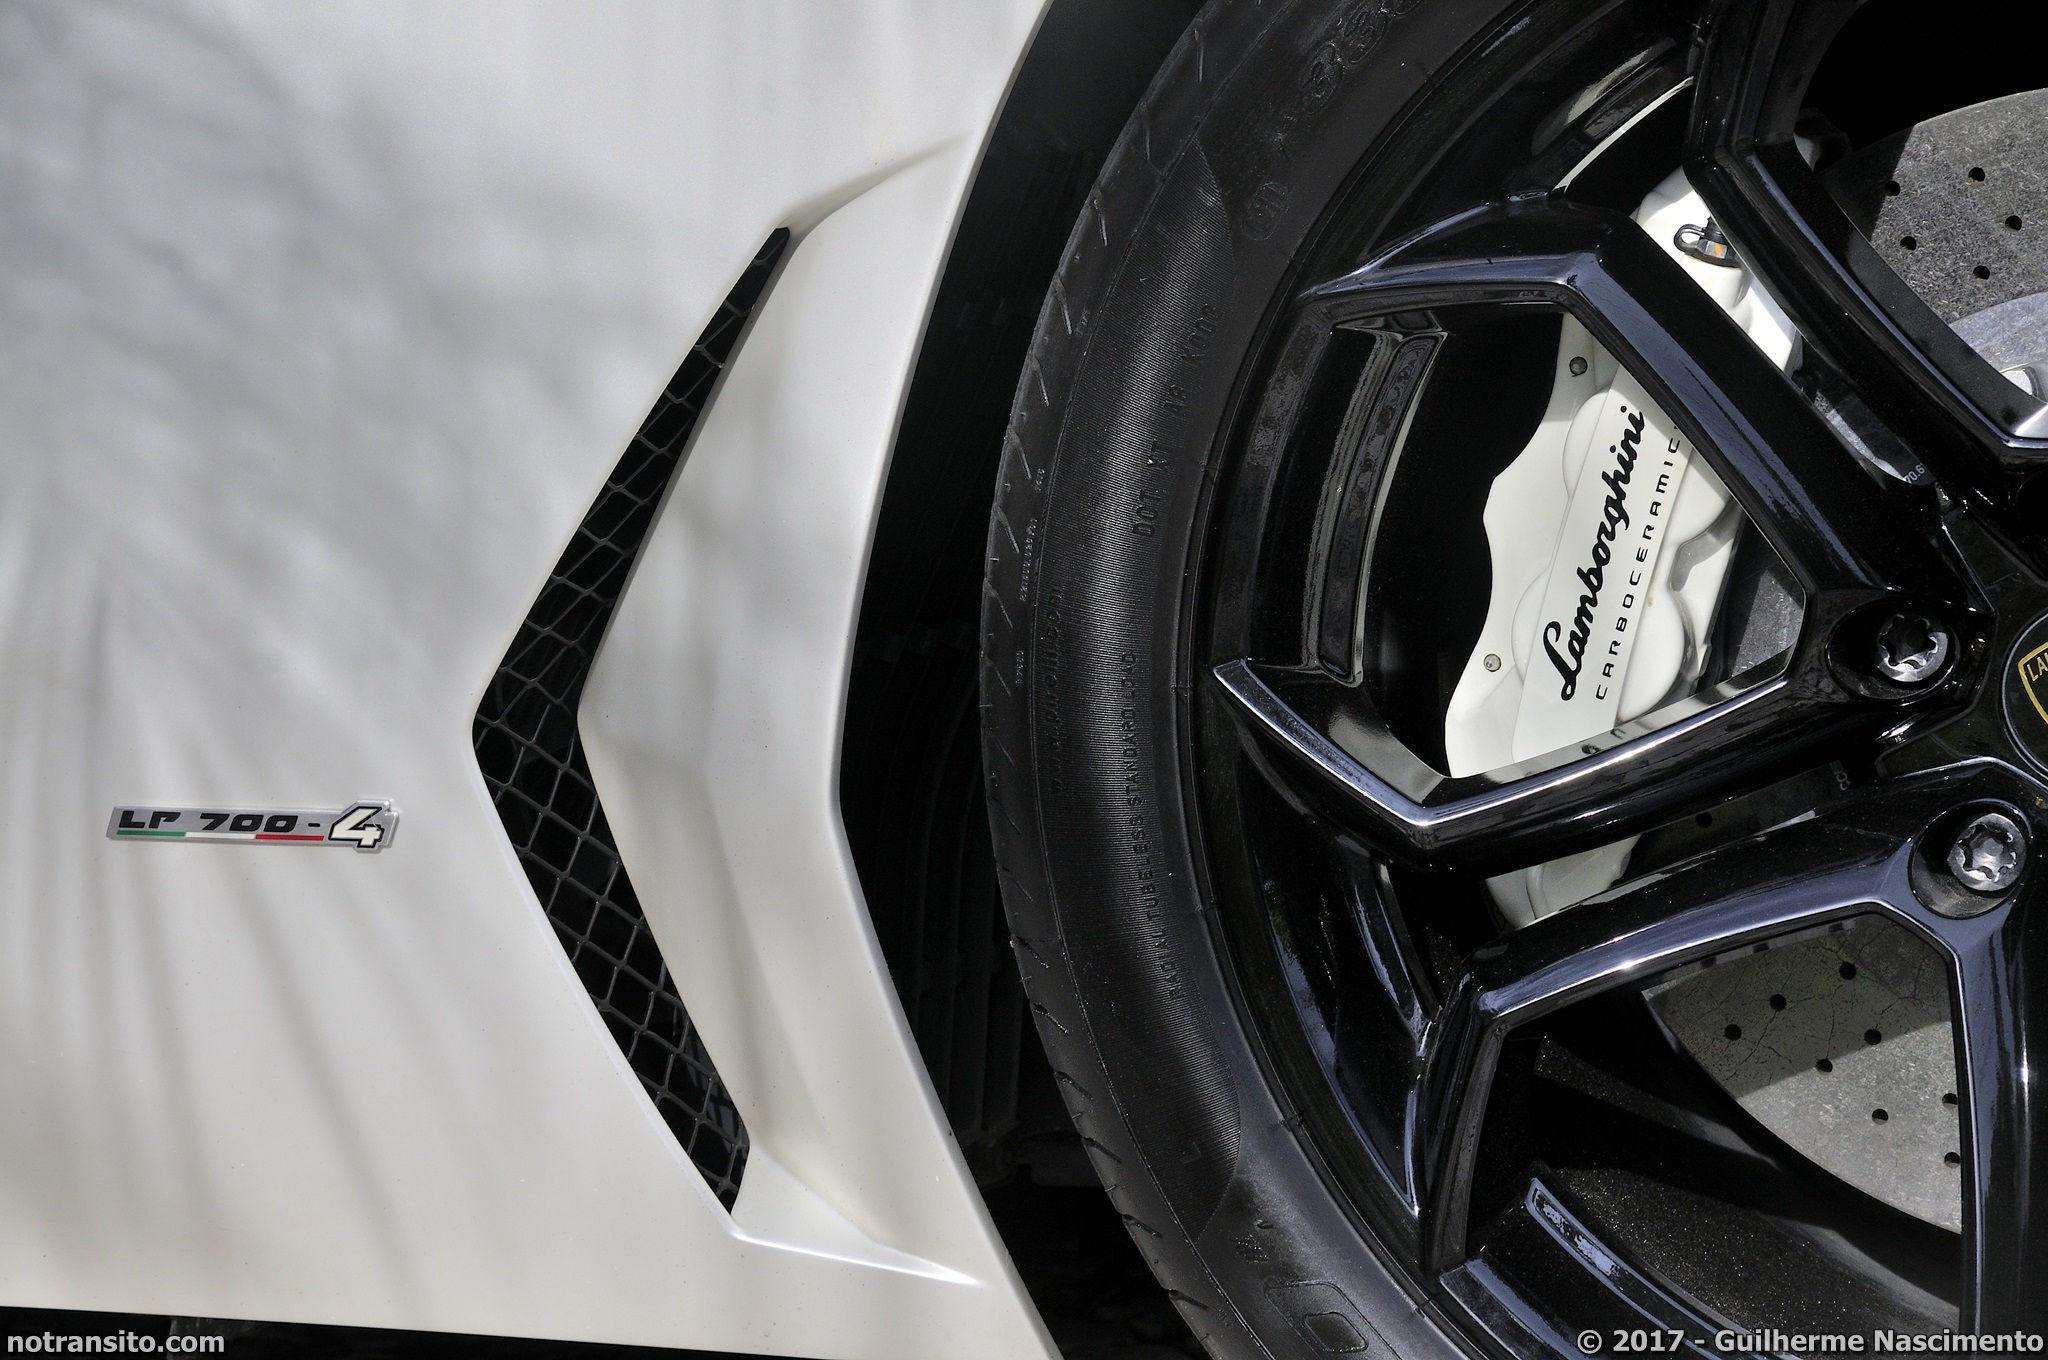 Lamborghini-Aventador-LP-700-4-McLaren-MP4-12C-027